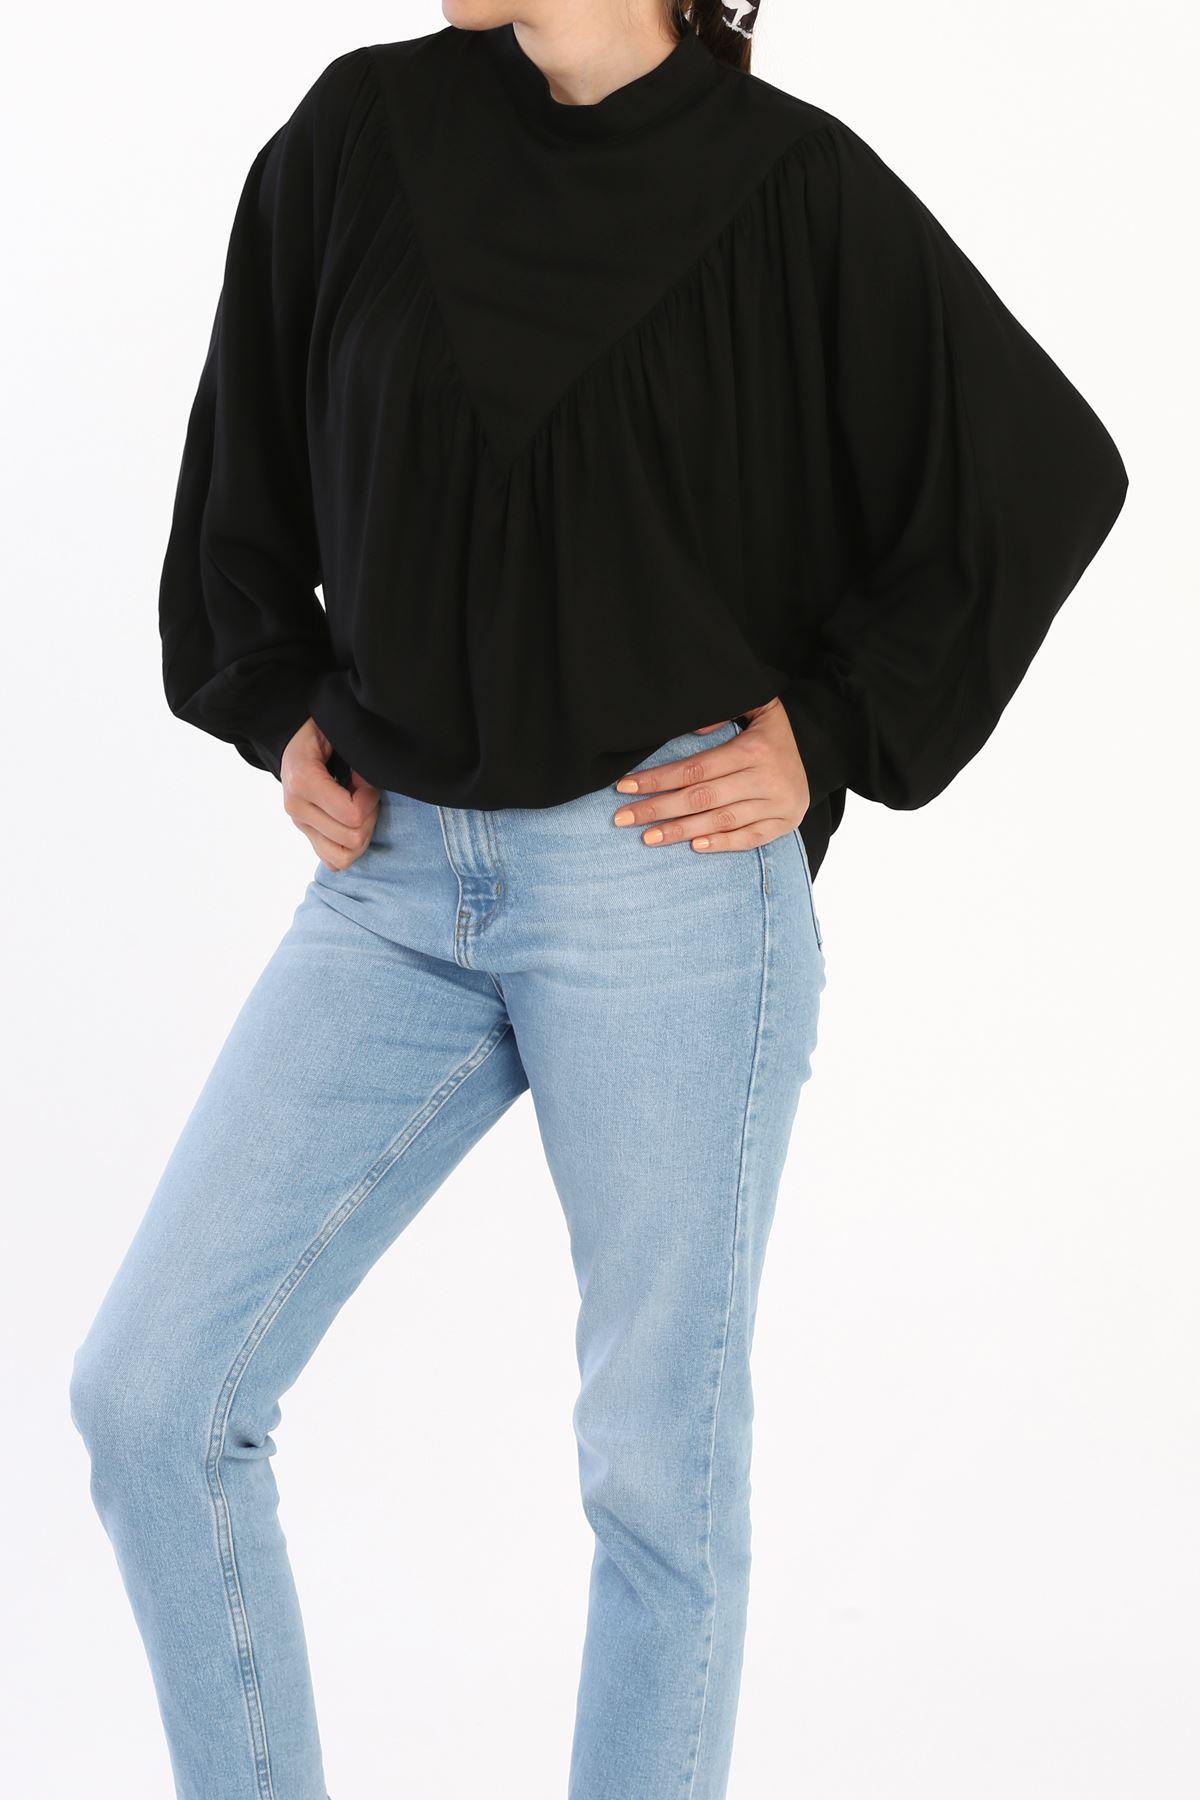 Kadın Büzgülü Salaş Bluz-siyah